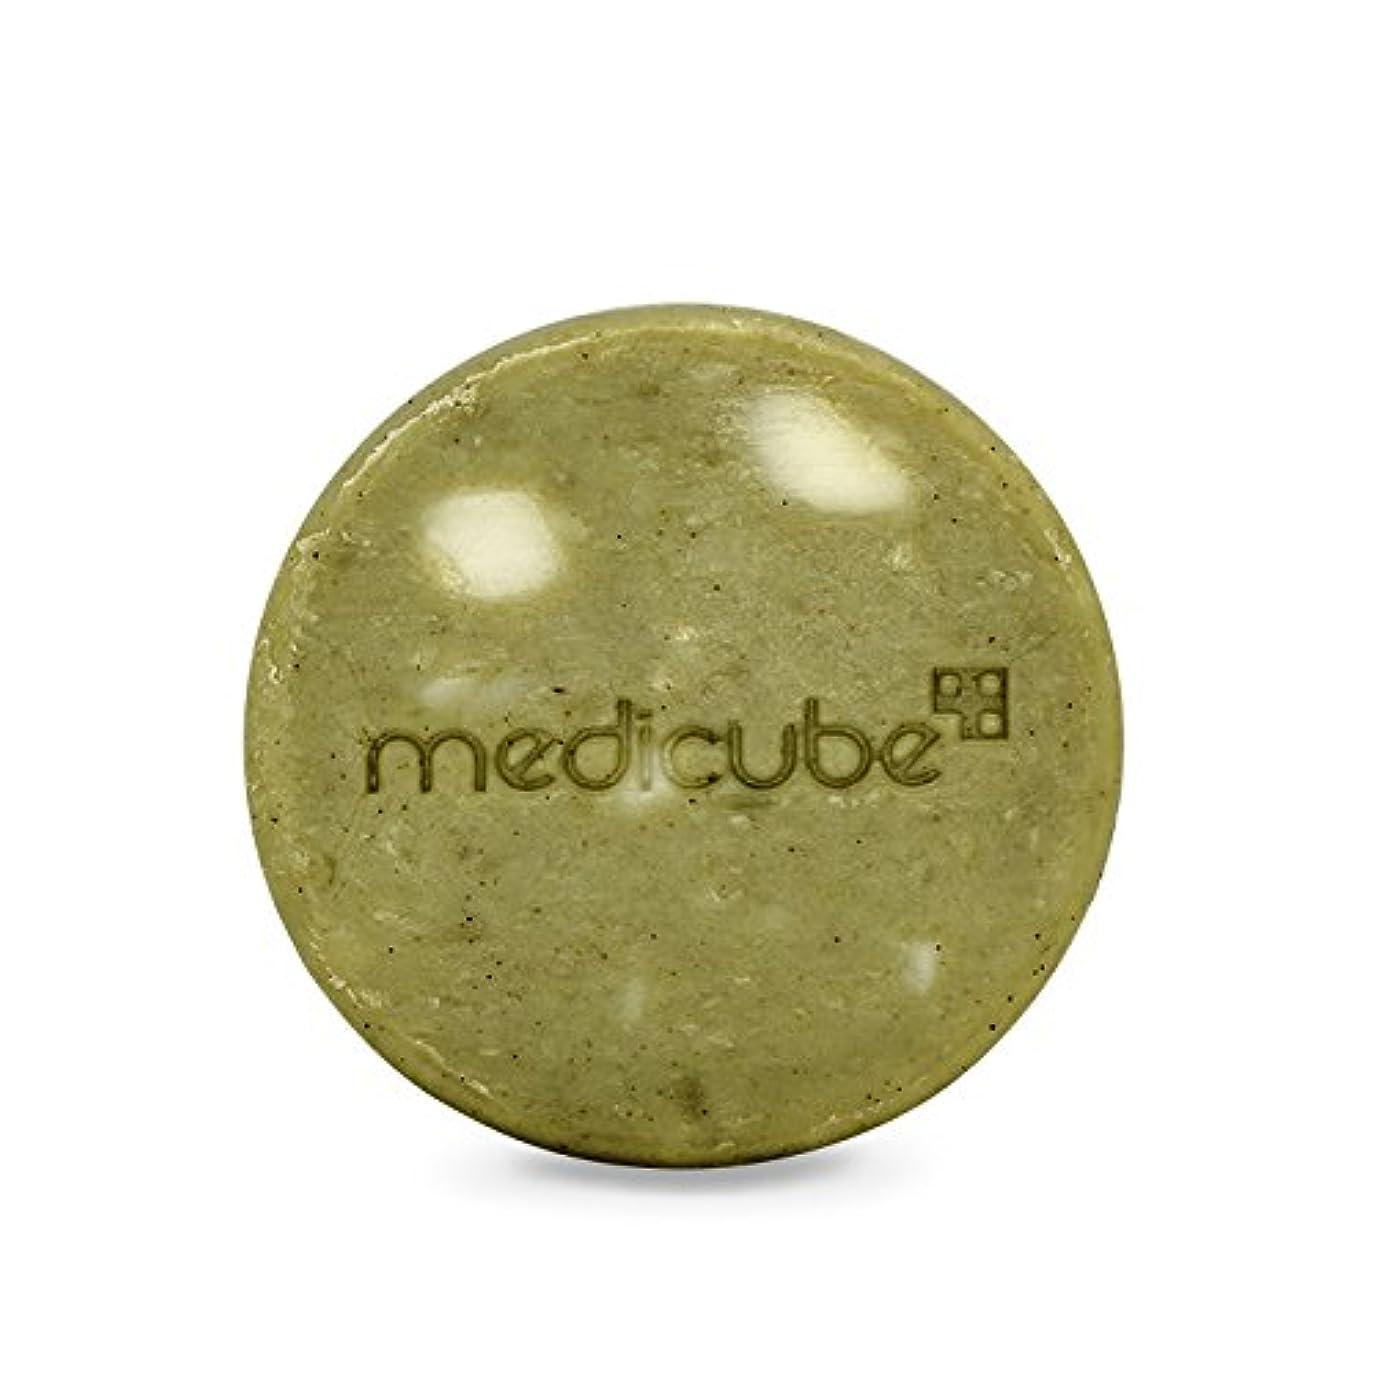 サンダーうっかり乱れ[Medicube]Red Body Bar / メディキューブレッドボディバー / 正品?海外直送商品 [並行輸入品]